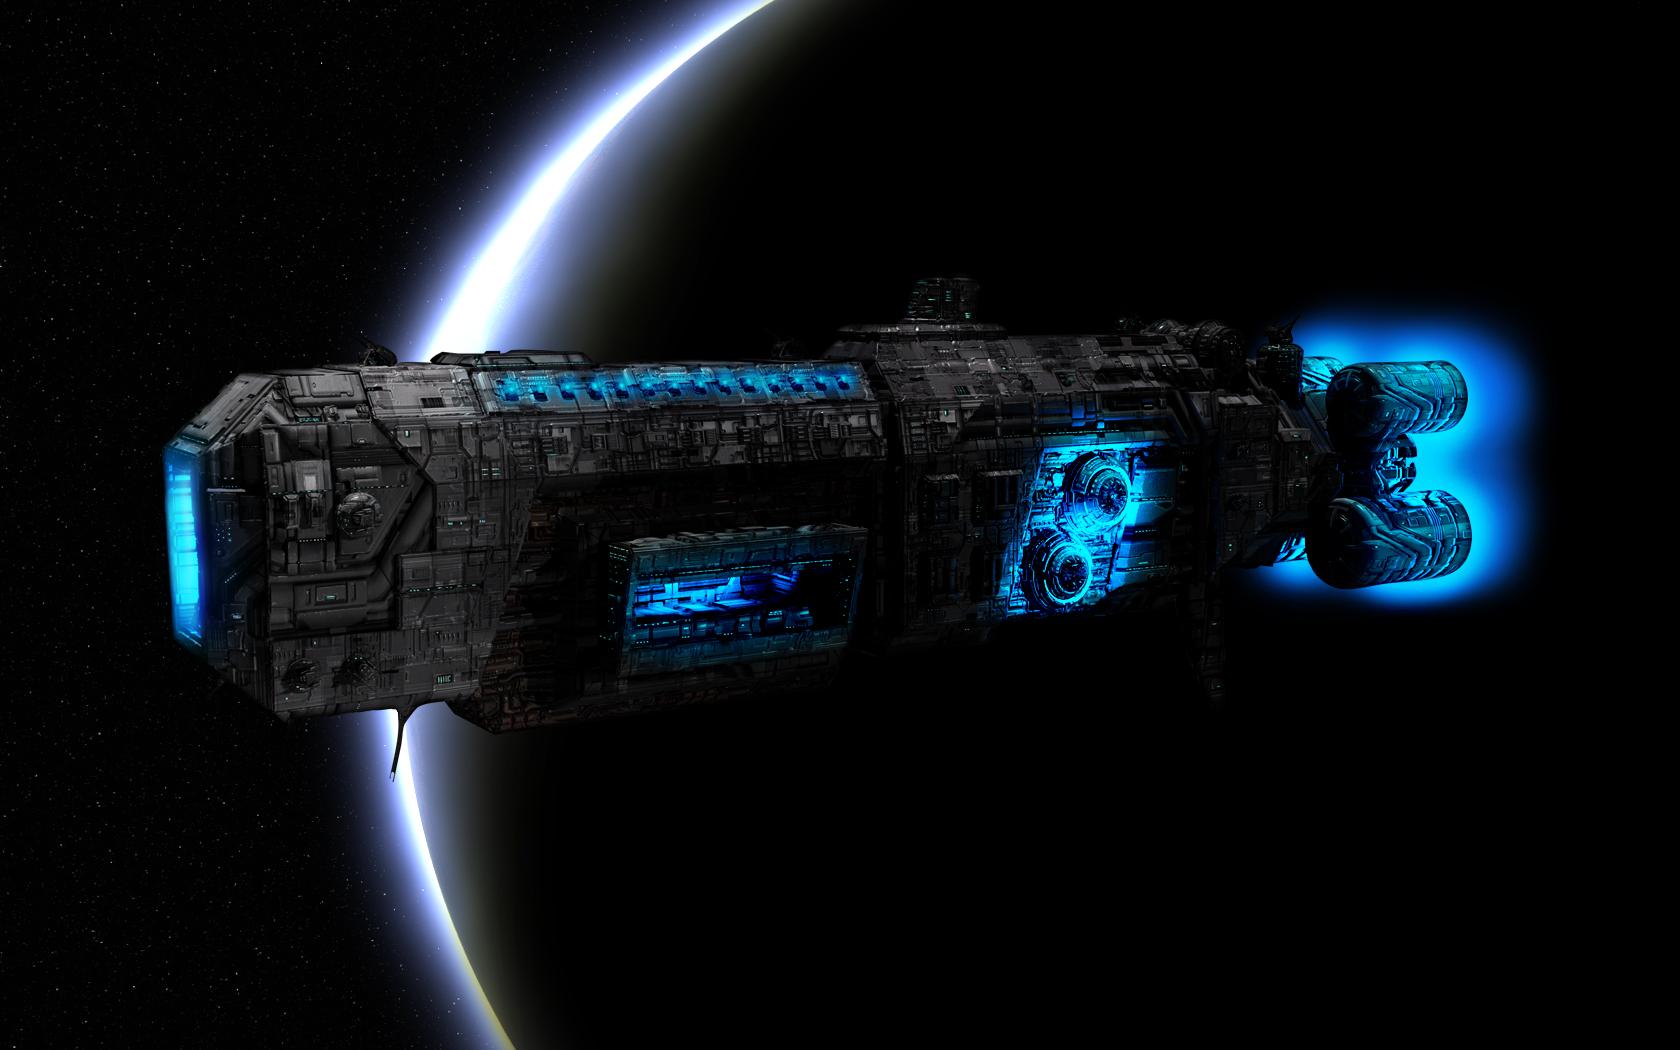 Spaceship Computer Wallpapers Desktop Backgrounds 1680x1050 ID 1680x1050